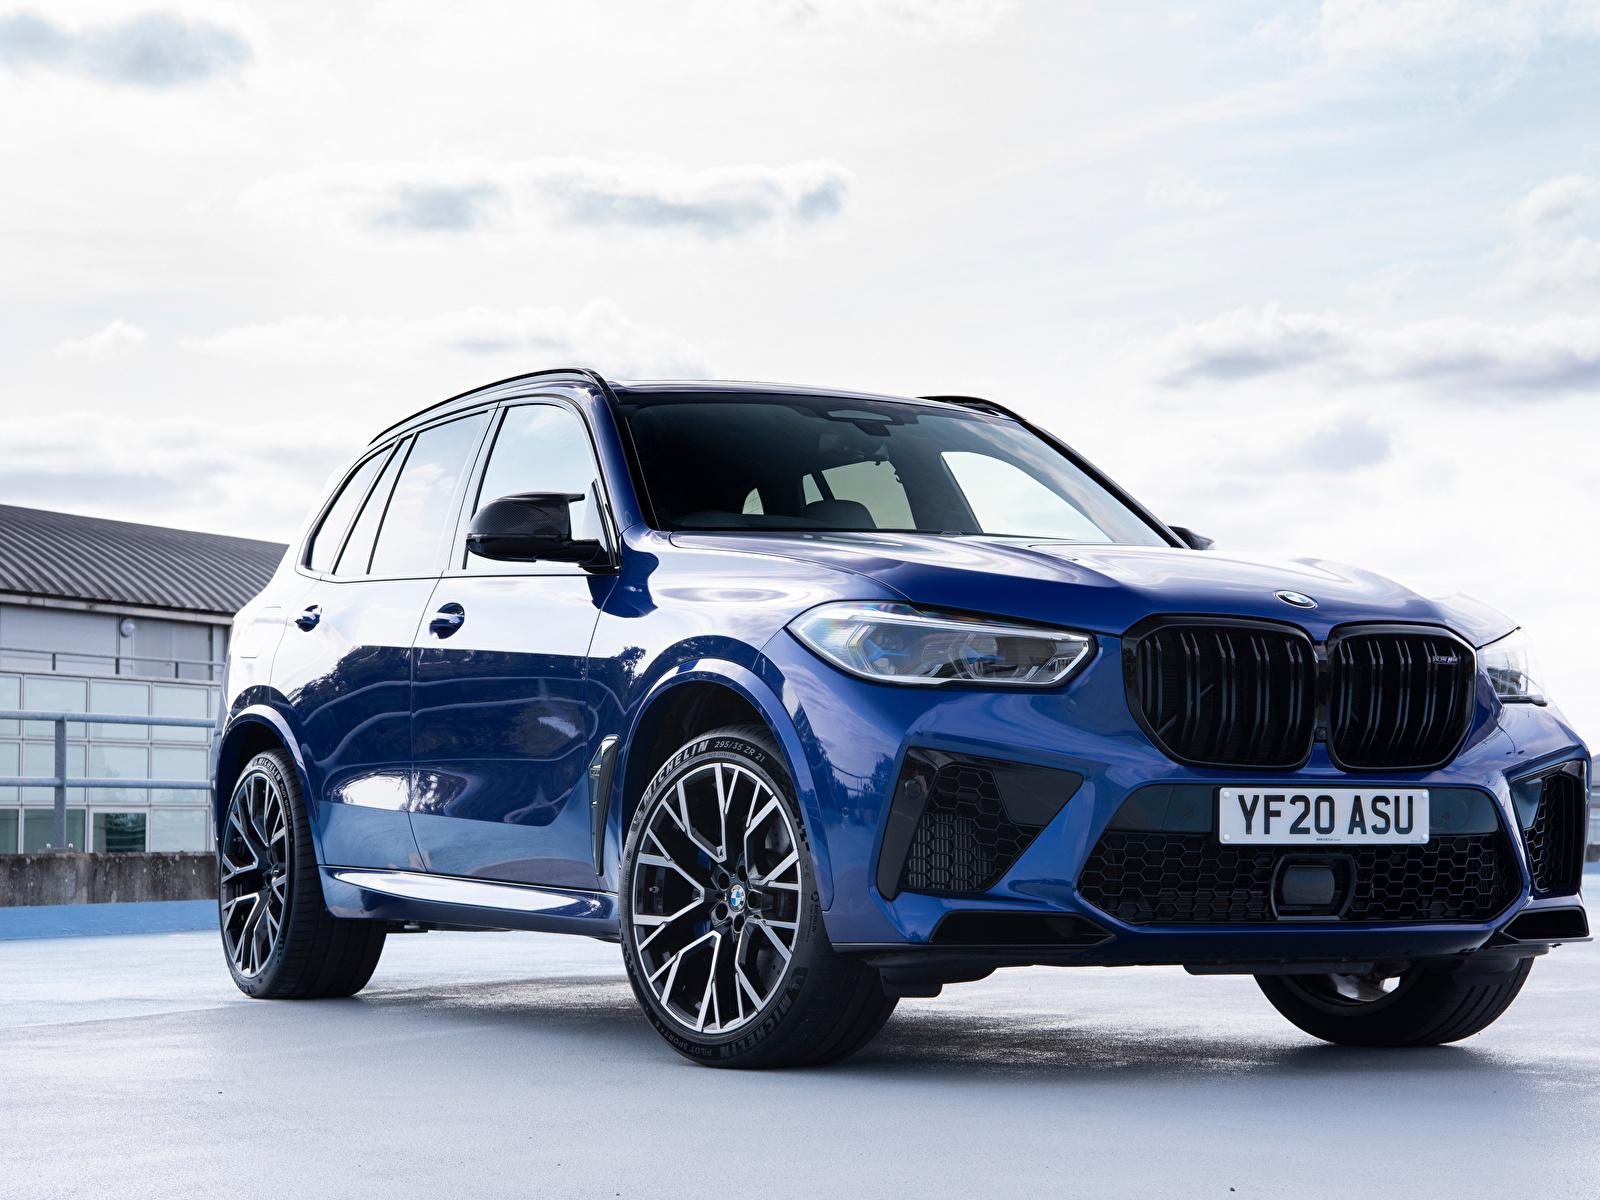 Обои для рабочего стола BMW Кроссовер X5 M Competition UK-spec (F95), 2020 Синий Металлик автомобиль 1600x1200 БМВ CUV синяя синие синих авто машины машина Автомобили